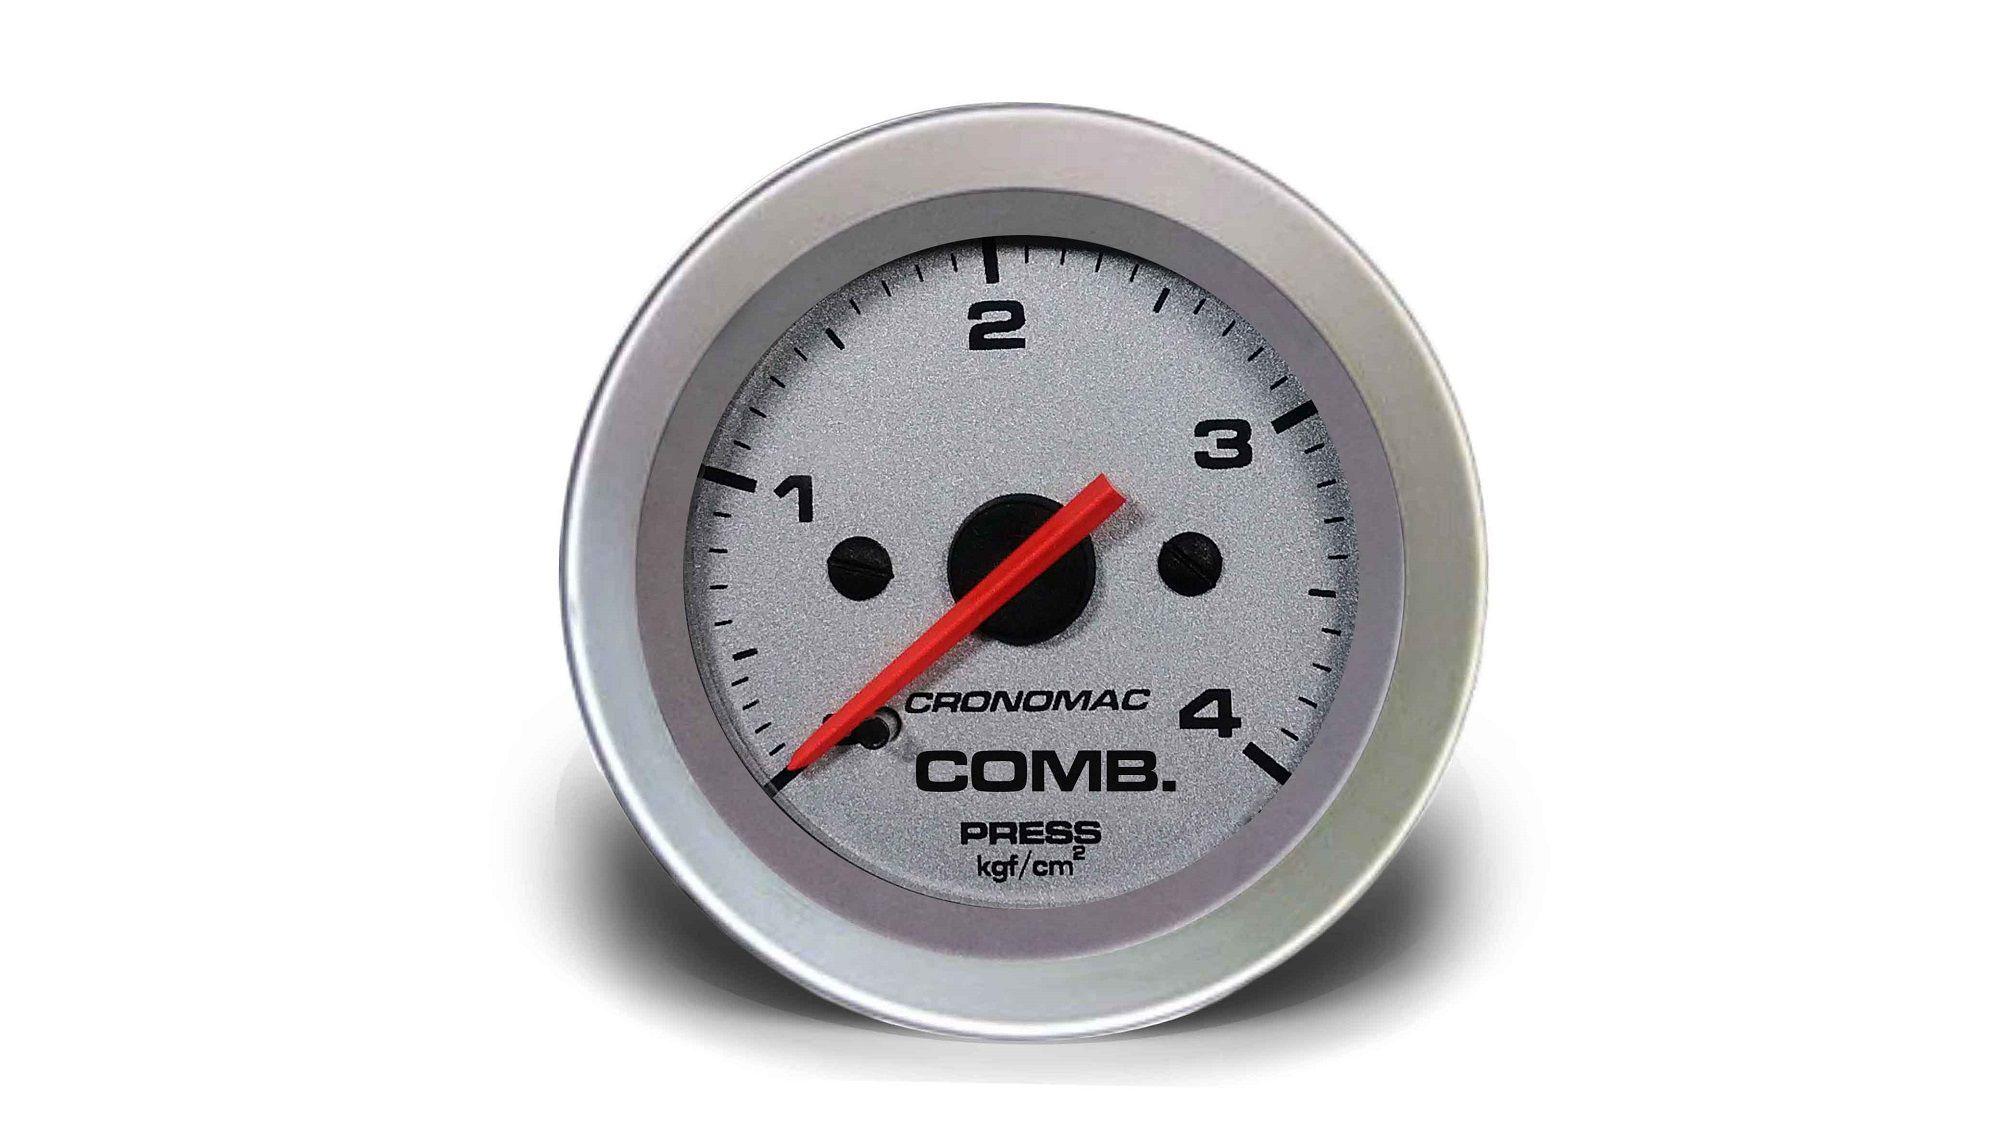 Relogio Pressao de Comb. 4kg Racing 52mm Cronomac